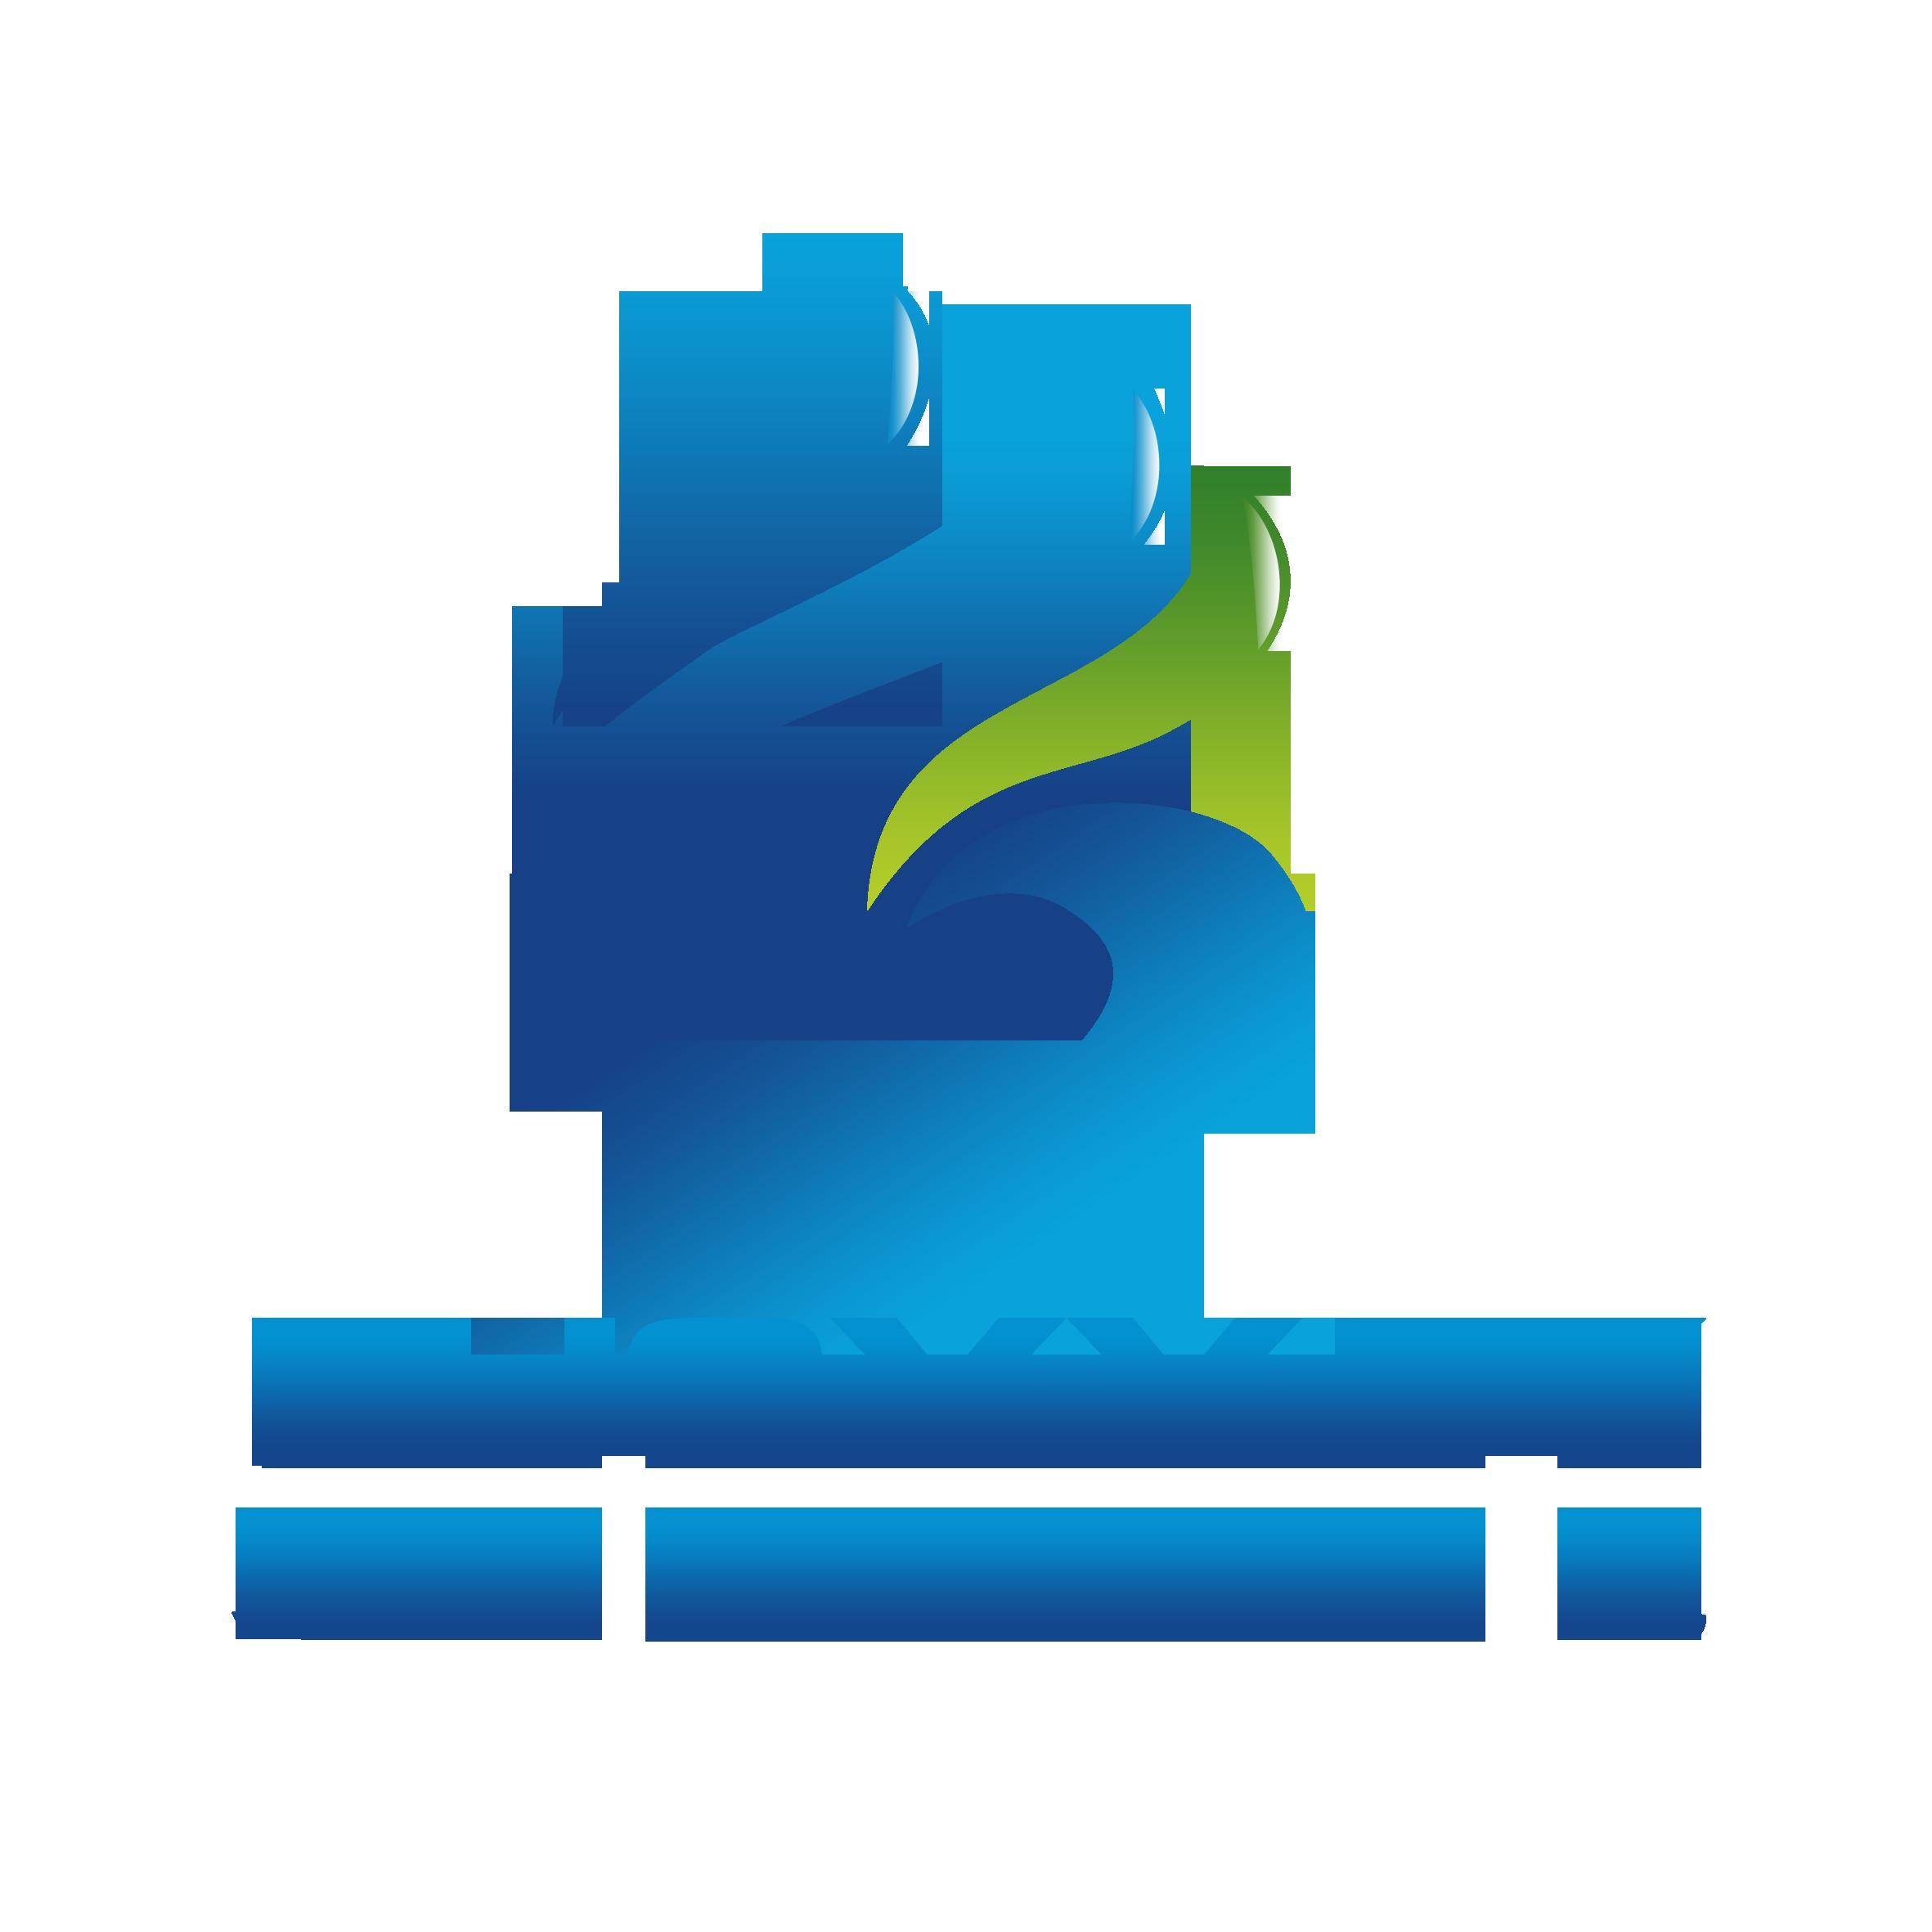 中国电磁钢板市场十三五发展战略规划及投资策略分析报告